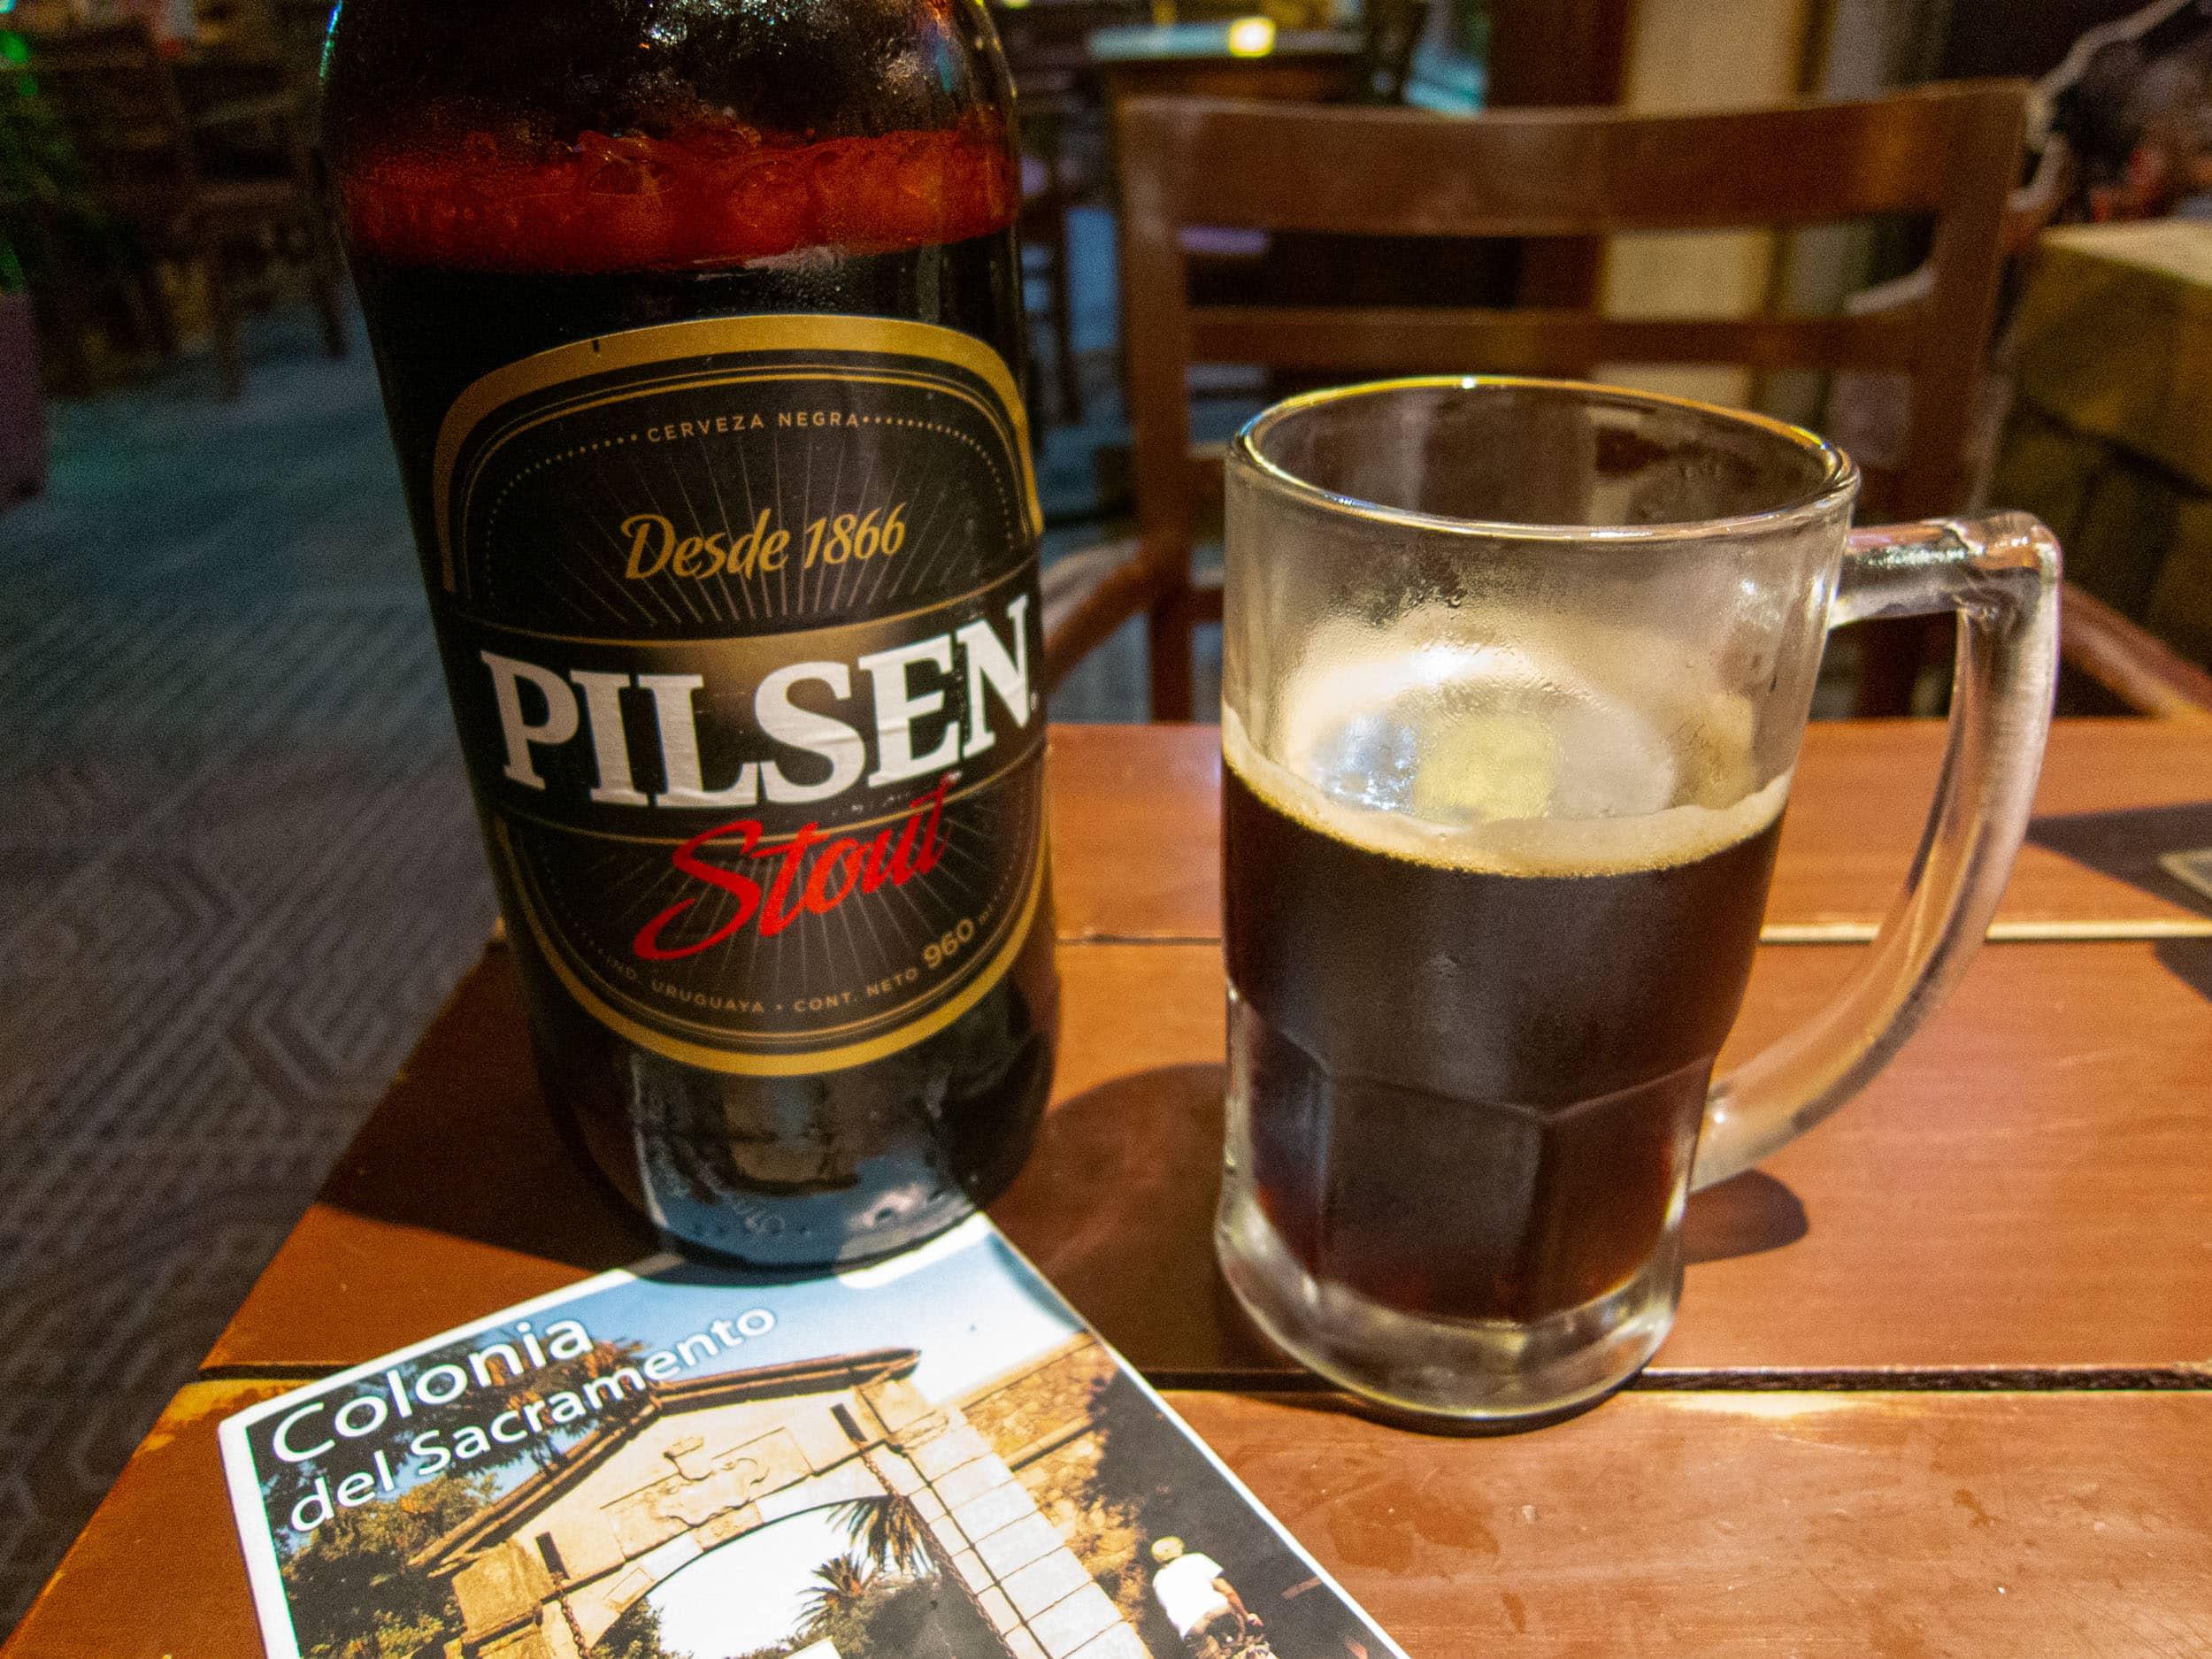 1-liter bottle of Pilsen Stout